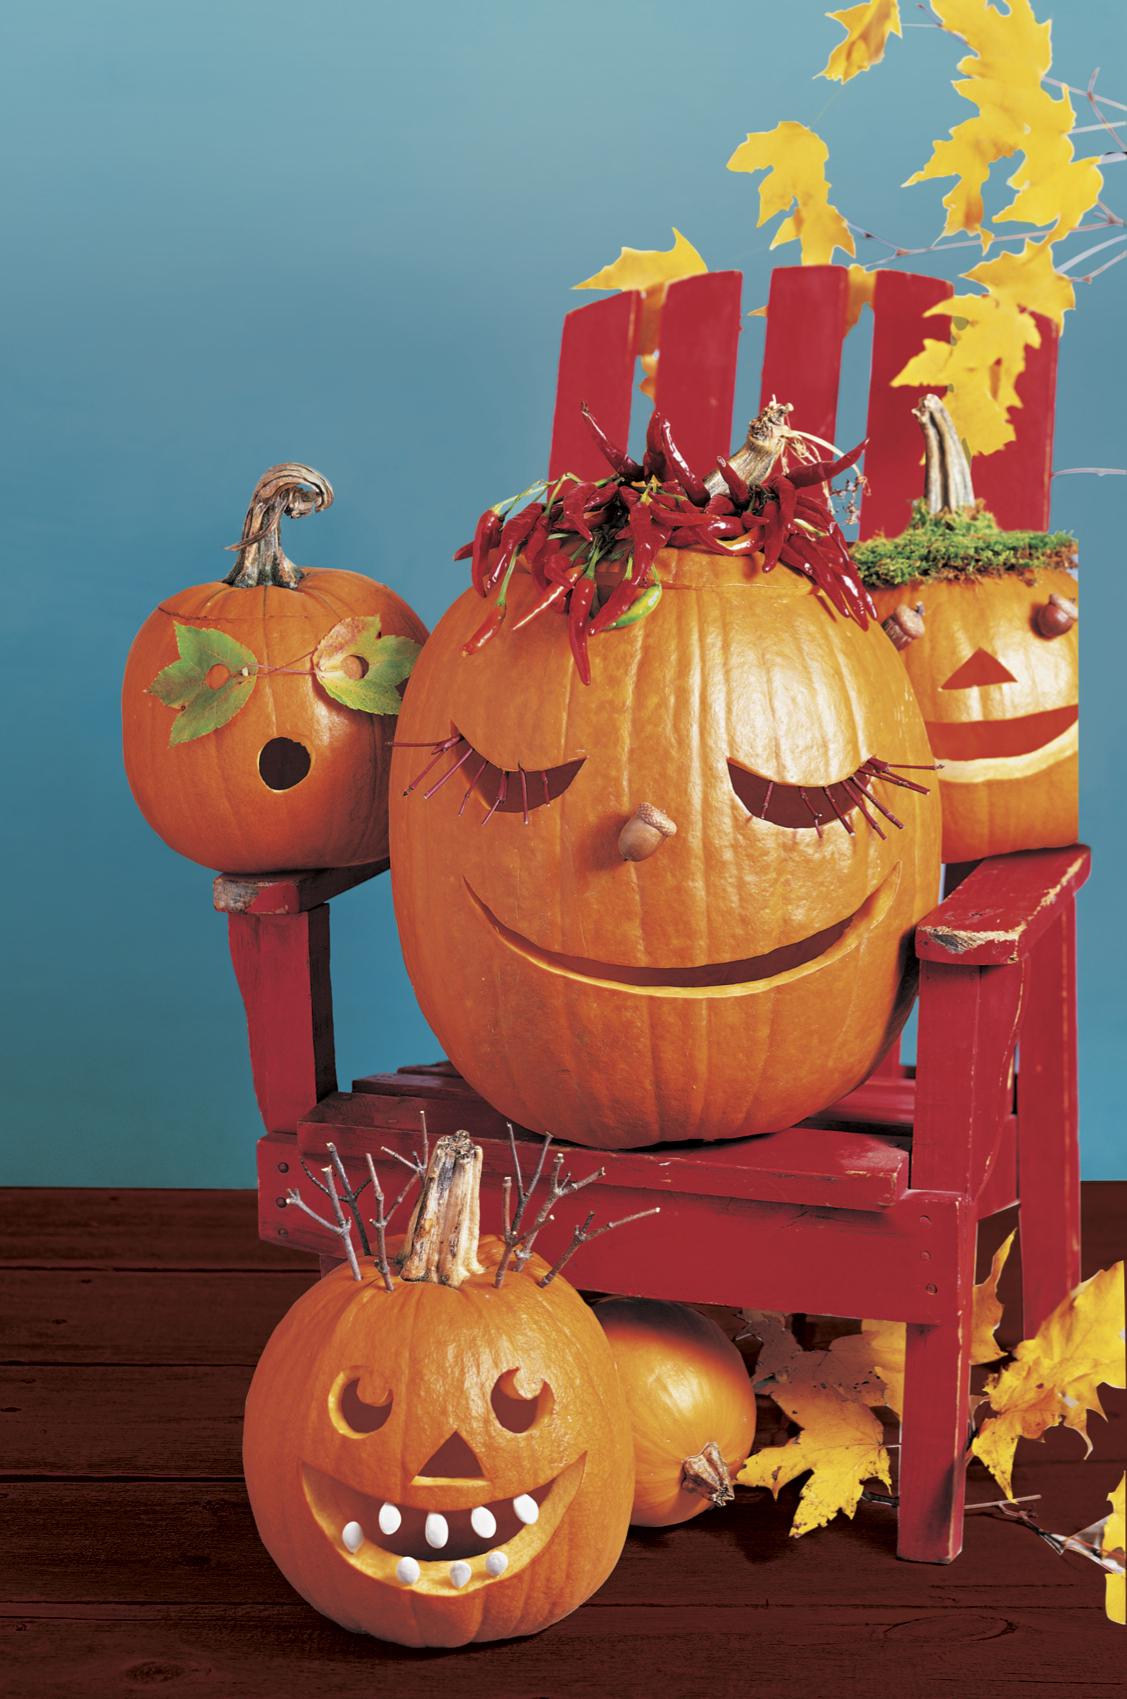 Mini pumpkin decorating ideas - Mini Pumpkin Decorating Ideas 4